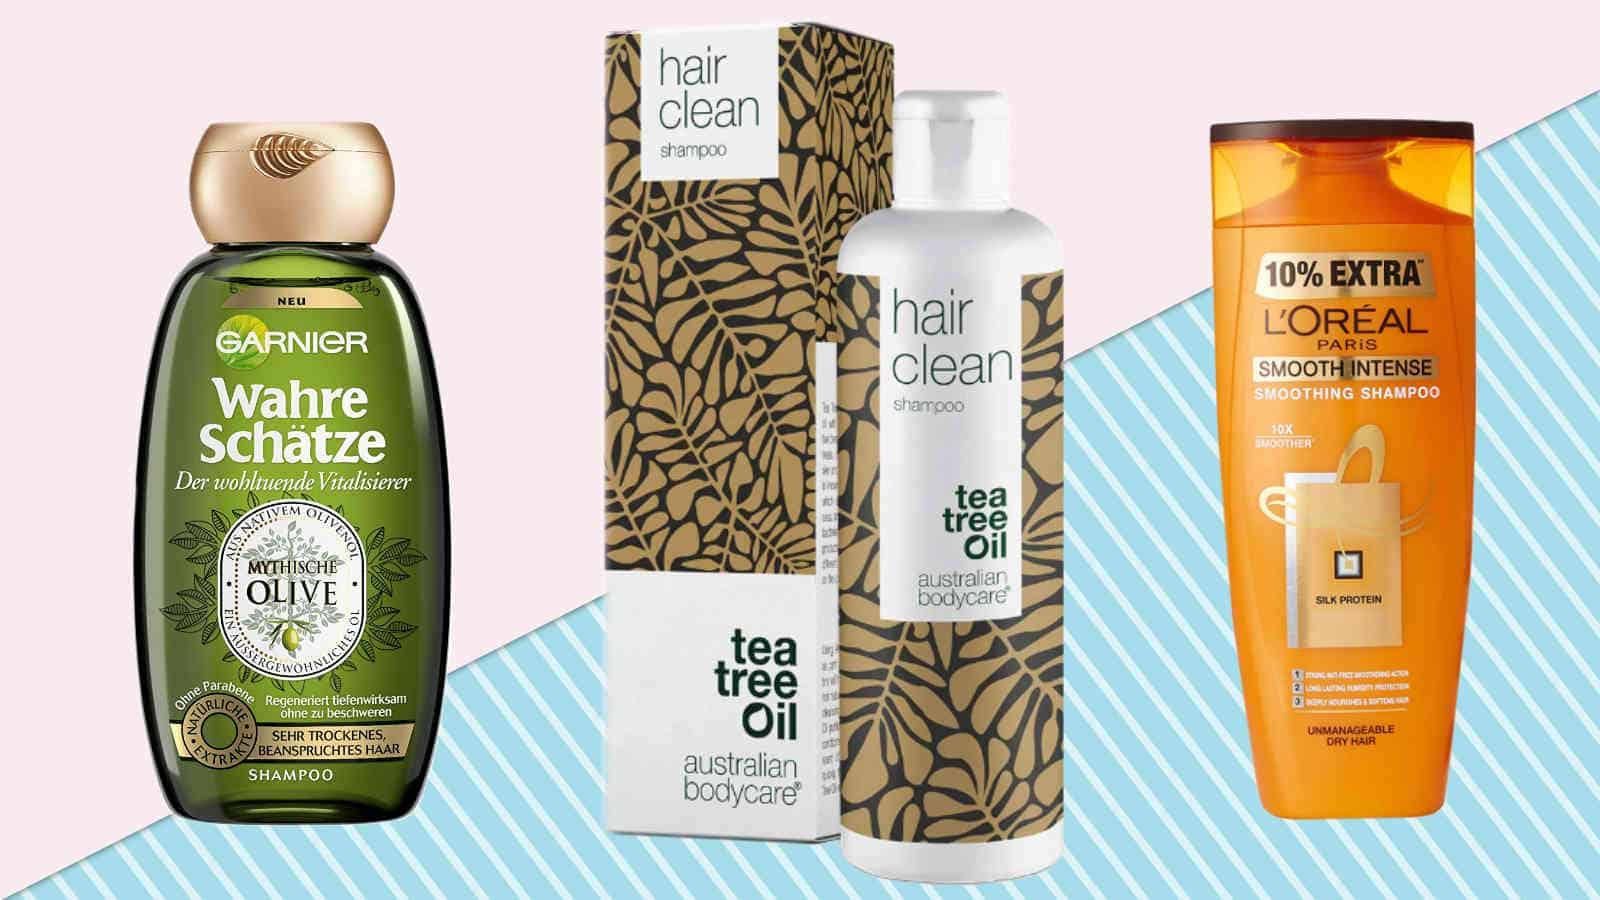 16 beste Shampoo für trockene Haare im Vergleich 2019